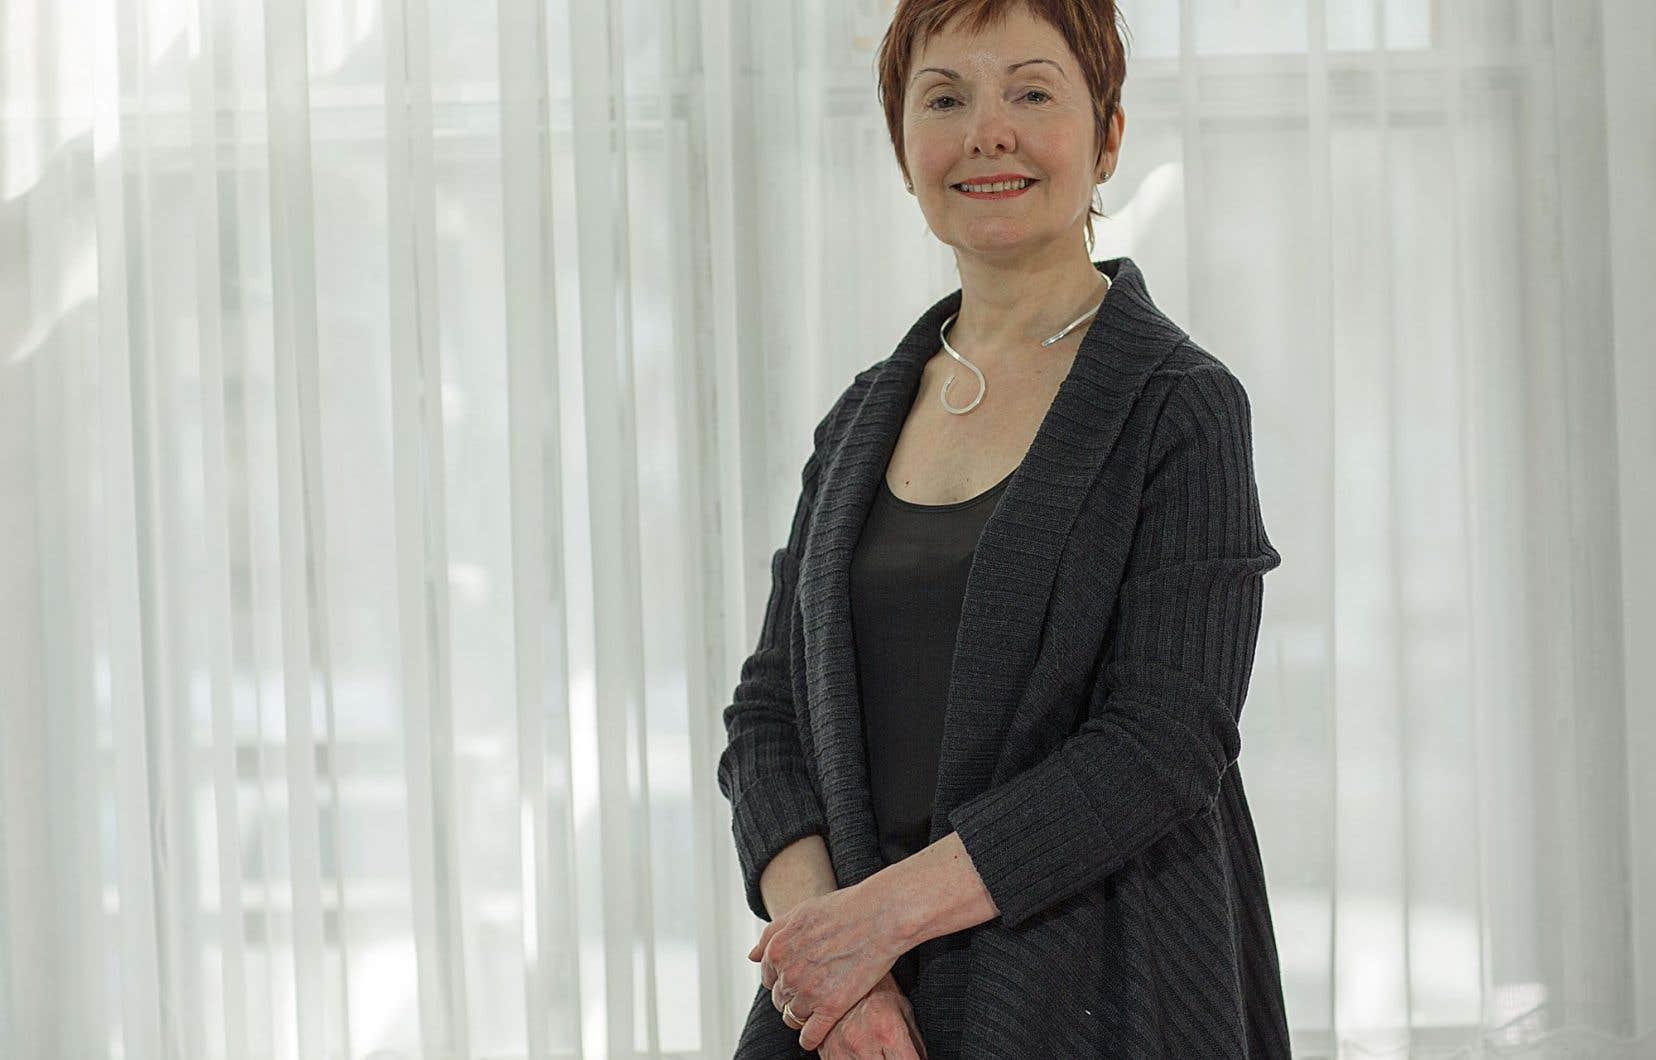 Louise Dupré, après son remarquable «Plus loin que les flammes» acclamé et couvert de prix, nous revient avec «La main hantée», au Noroît.